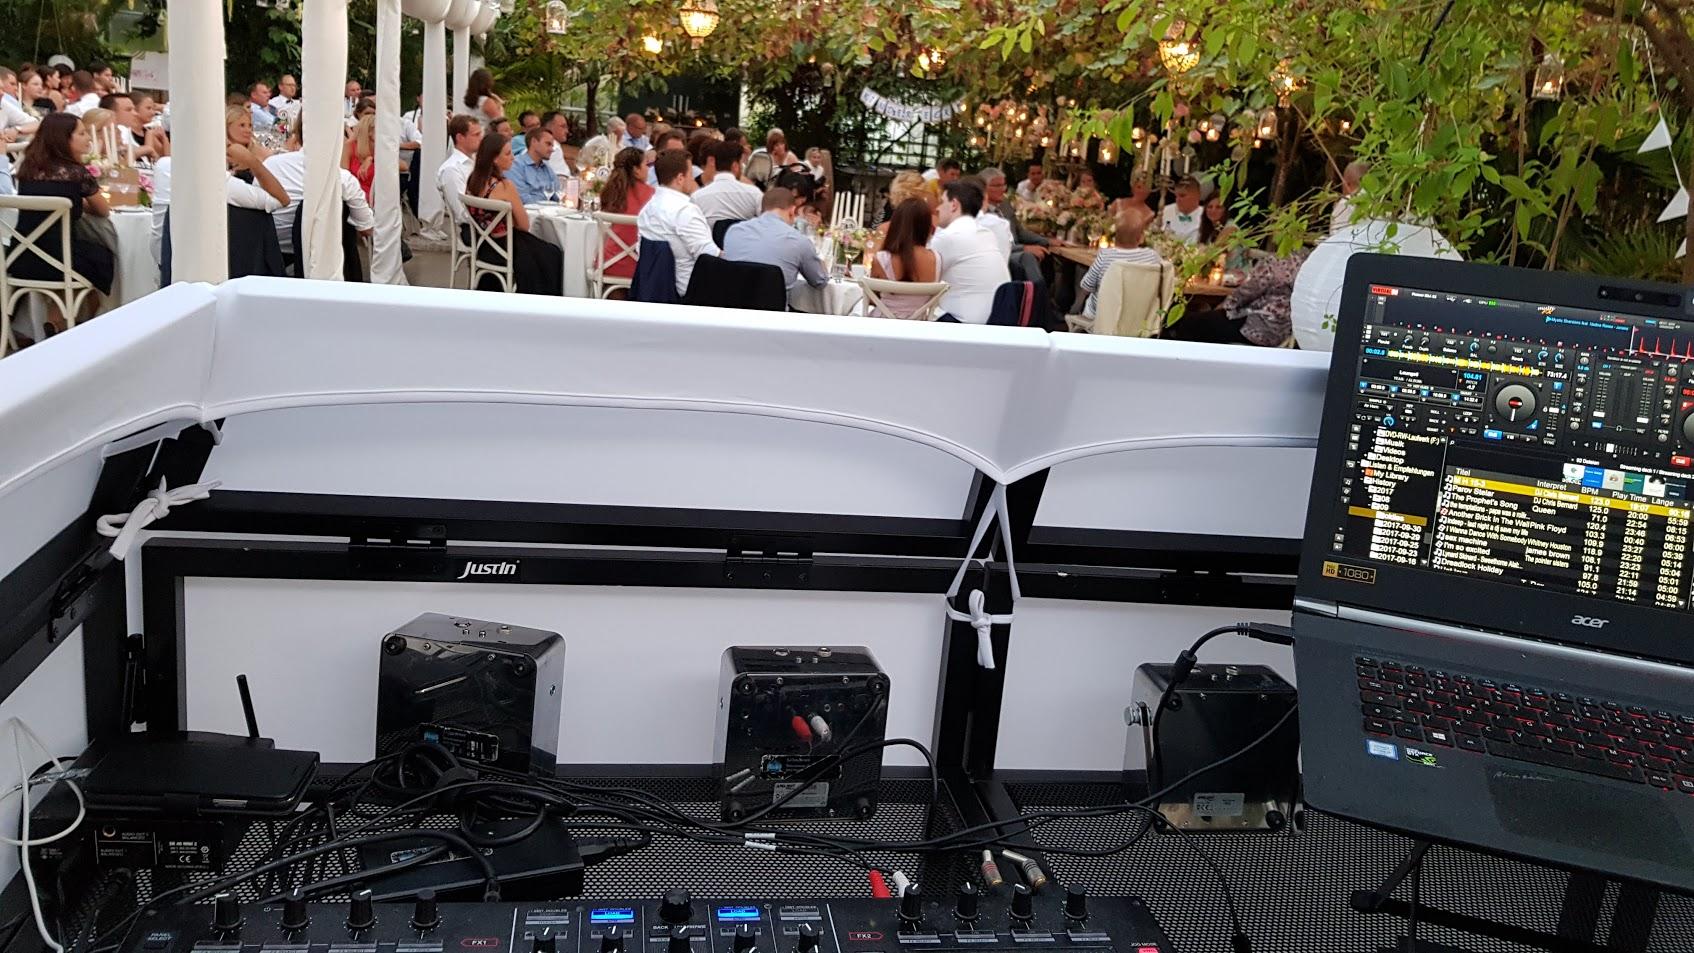 Keine offen liegende Kabel und Durcheinander am DJ Pult